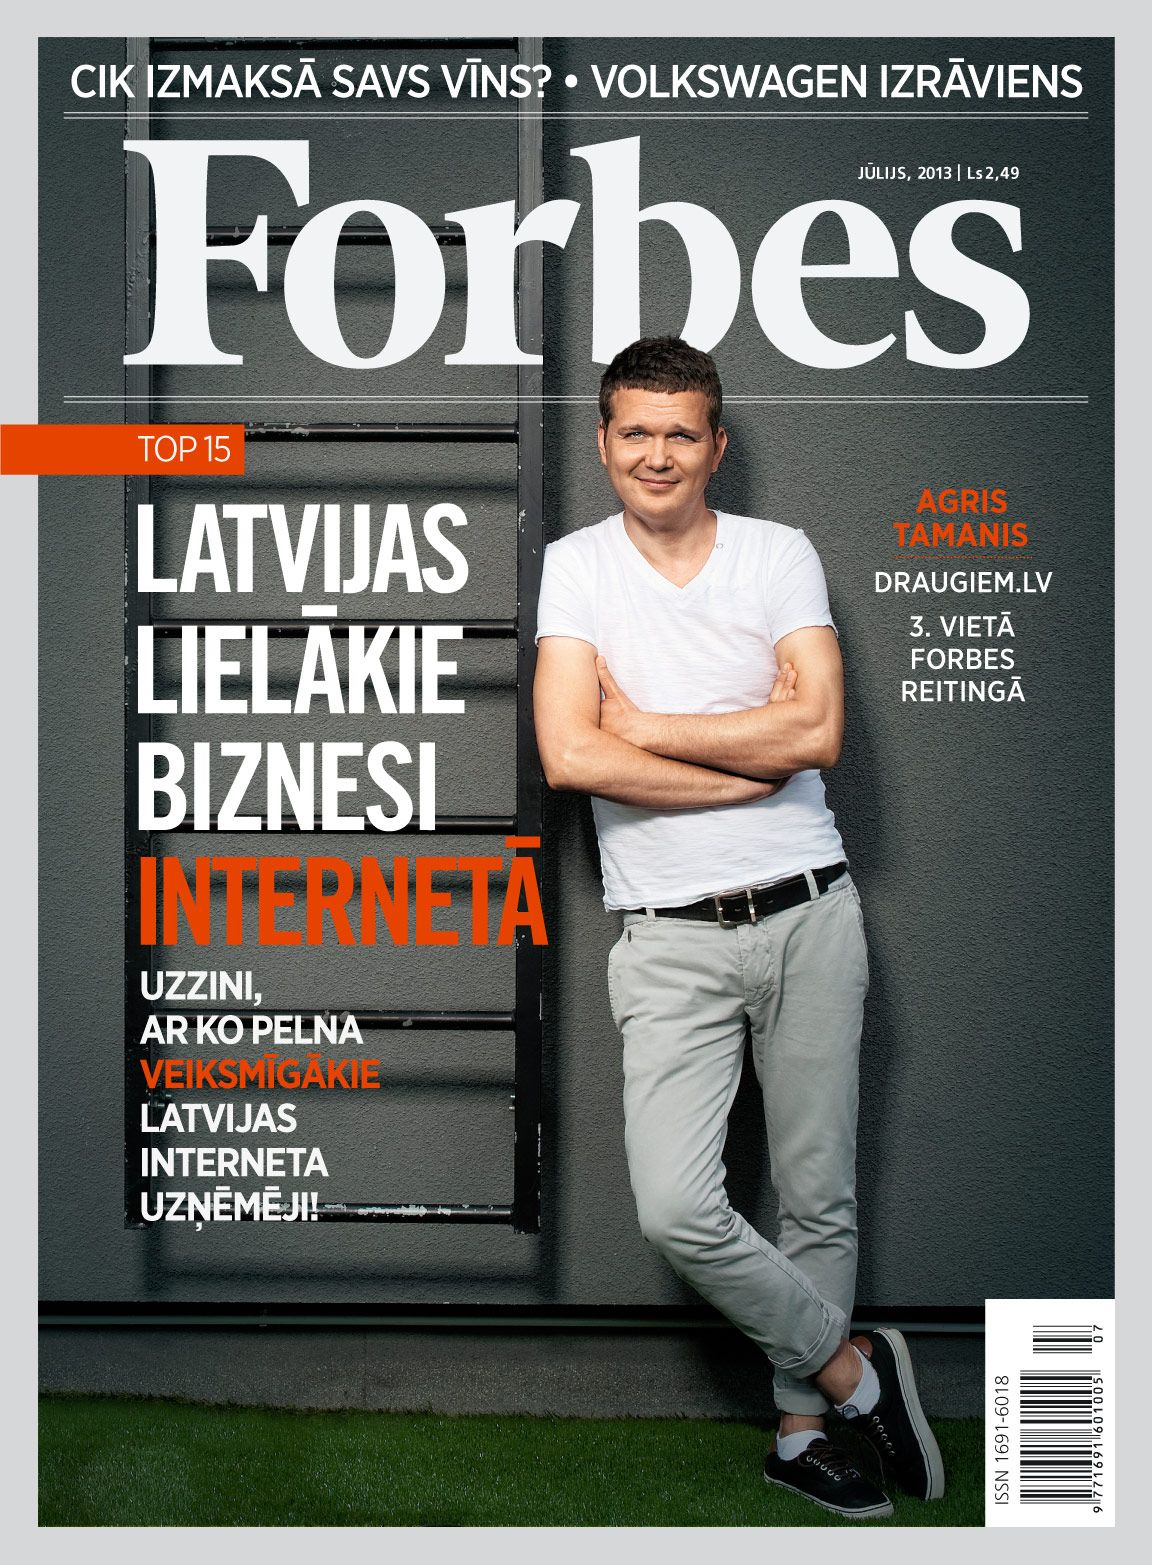 FORBES_julijs_2013